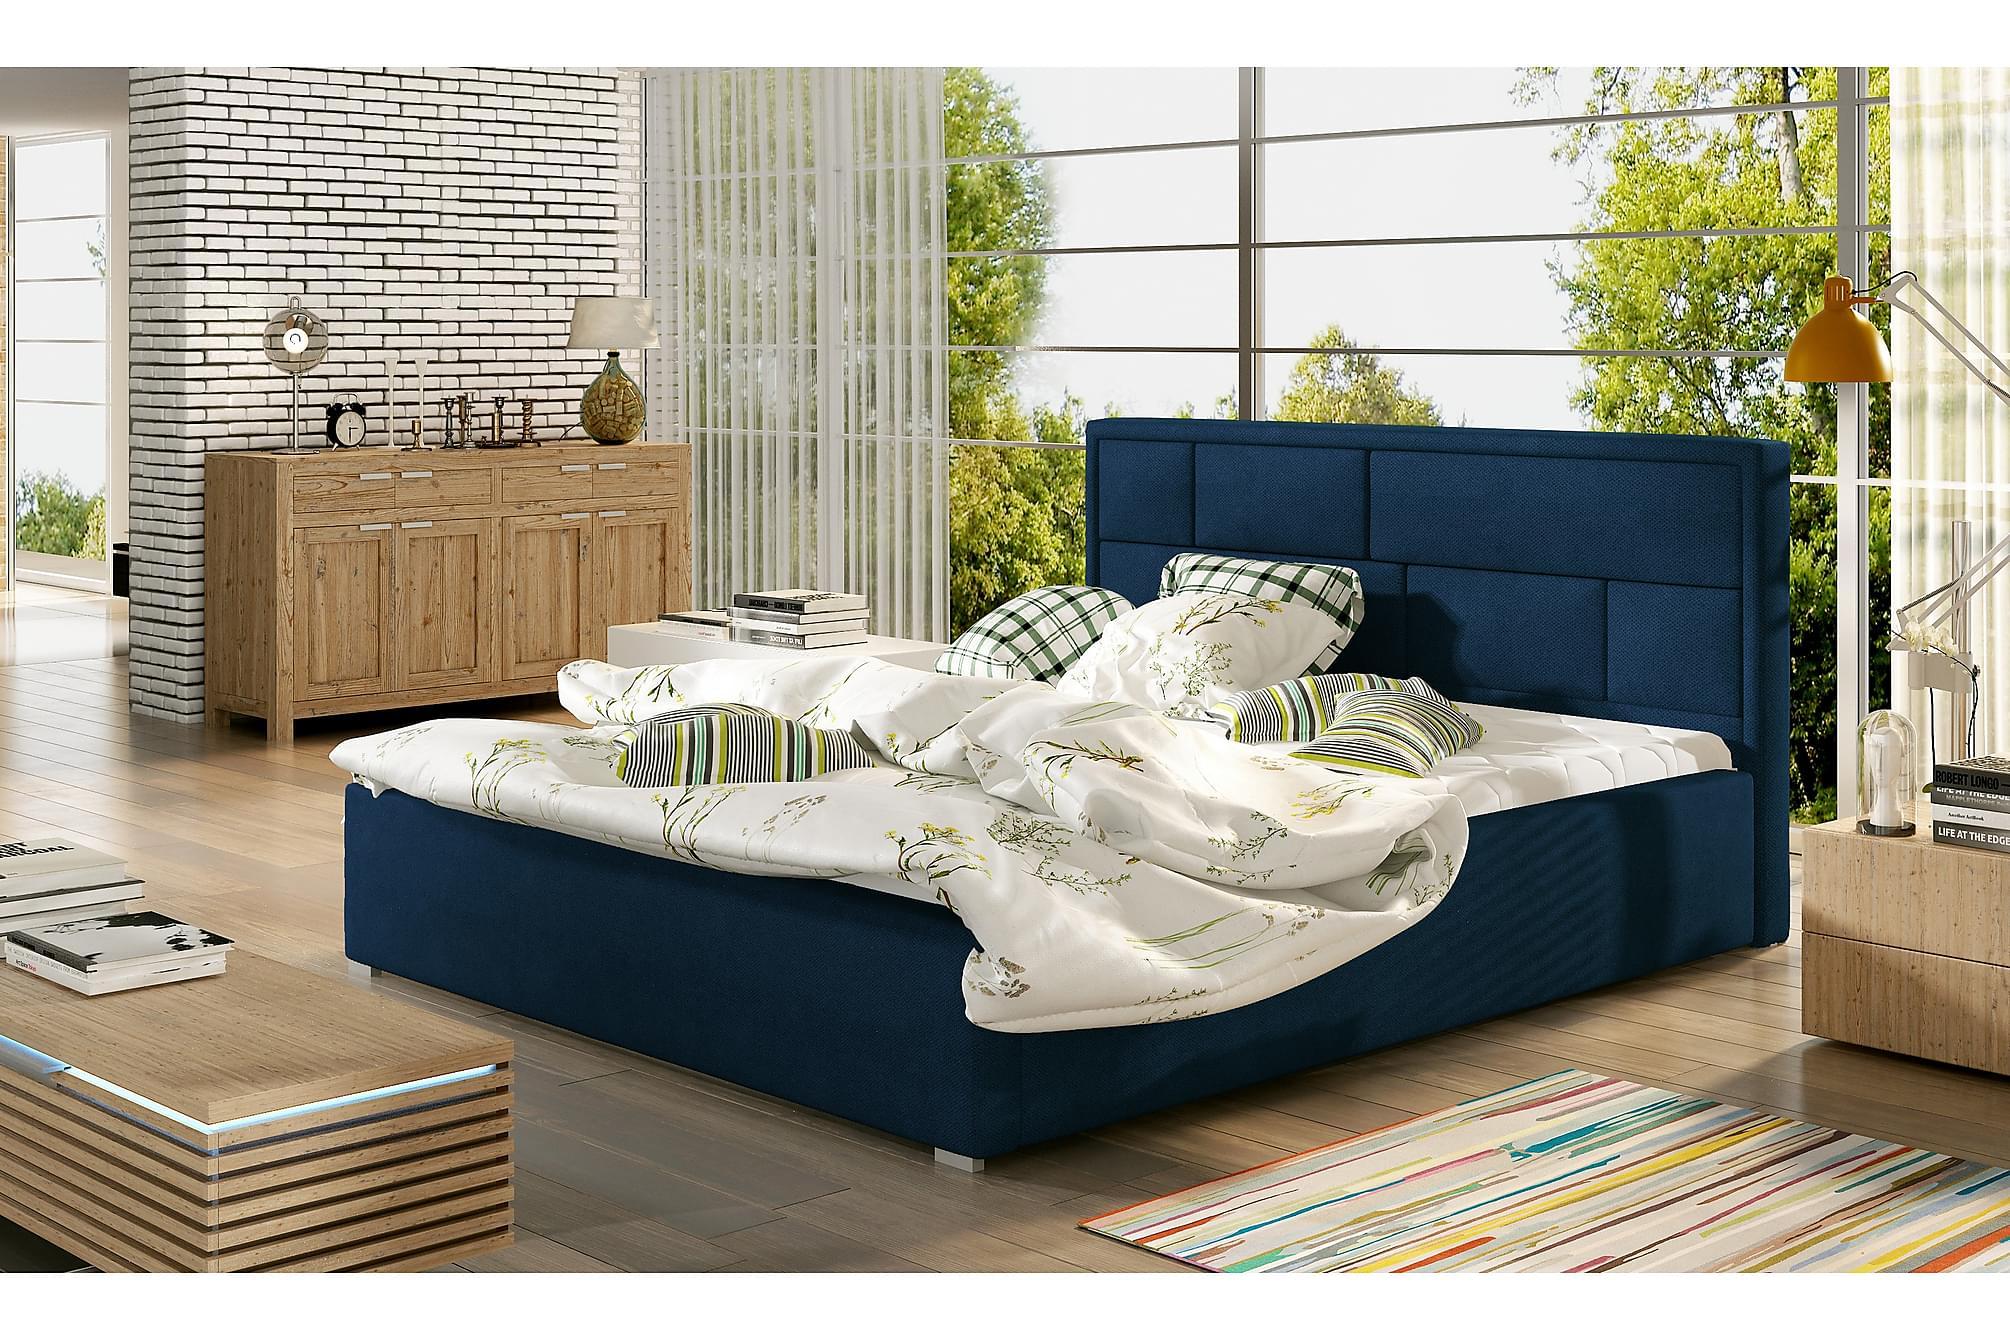 AGULLANA Sängram 140x200 cm Blå, Sängram & sängstomme